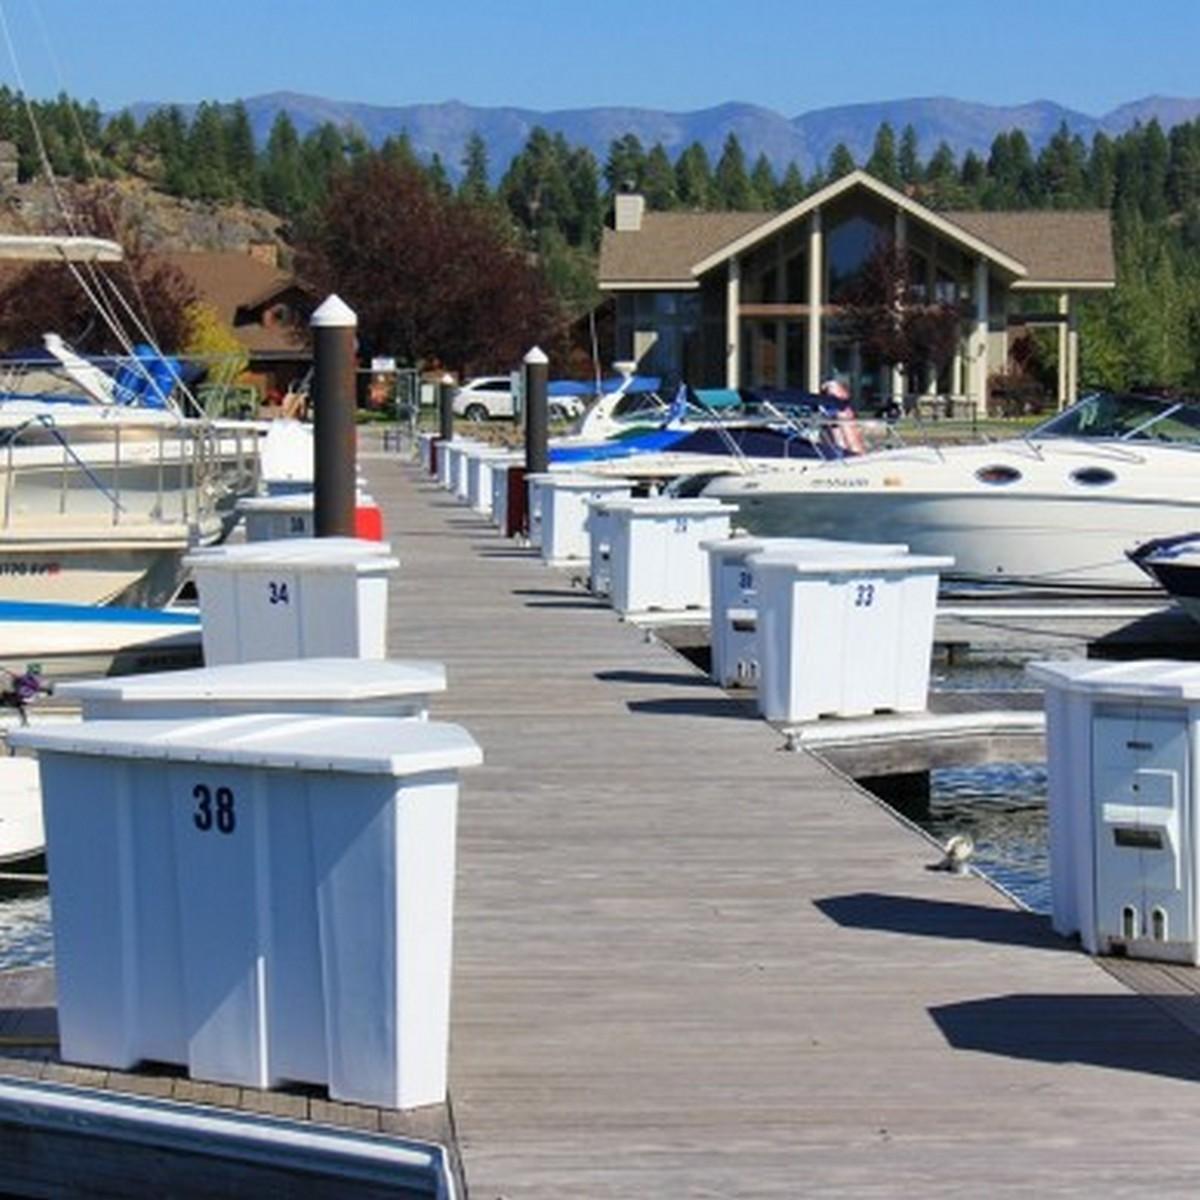 Additional photo for property listing at A-23 Eagle Bend Yacht Harbor , Bigfork, MT 59911 A-23  Eagle Bend Yacht Harbor Bigfork, Montana 59911 United States